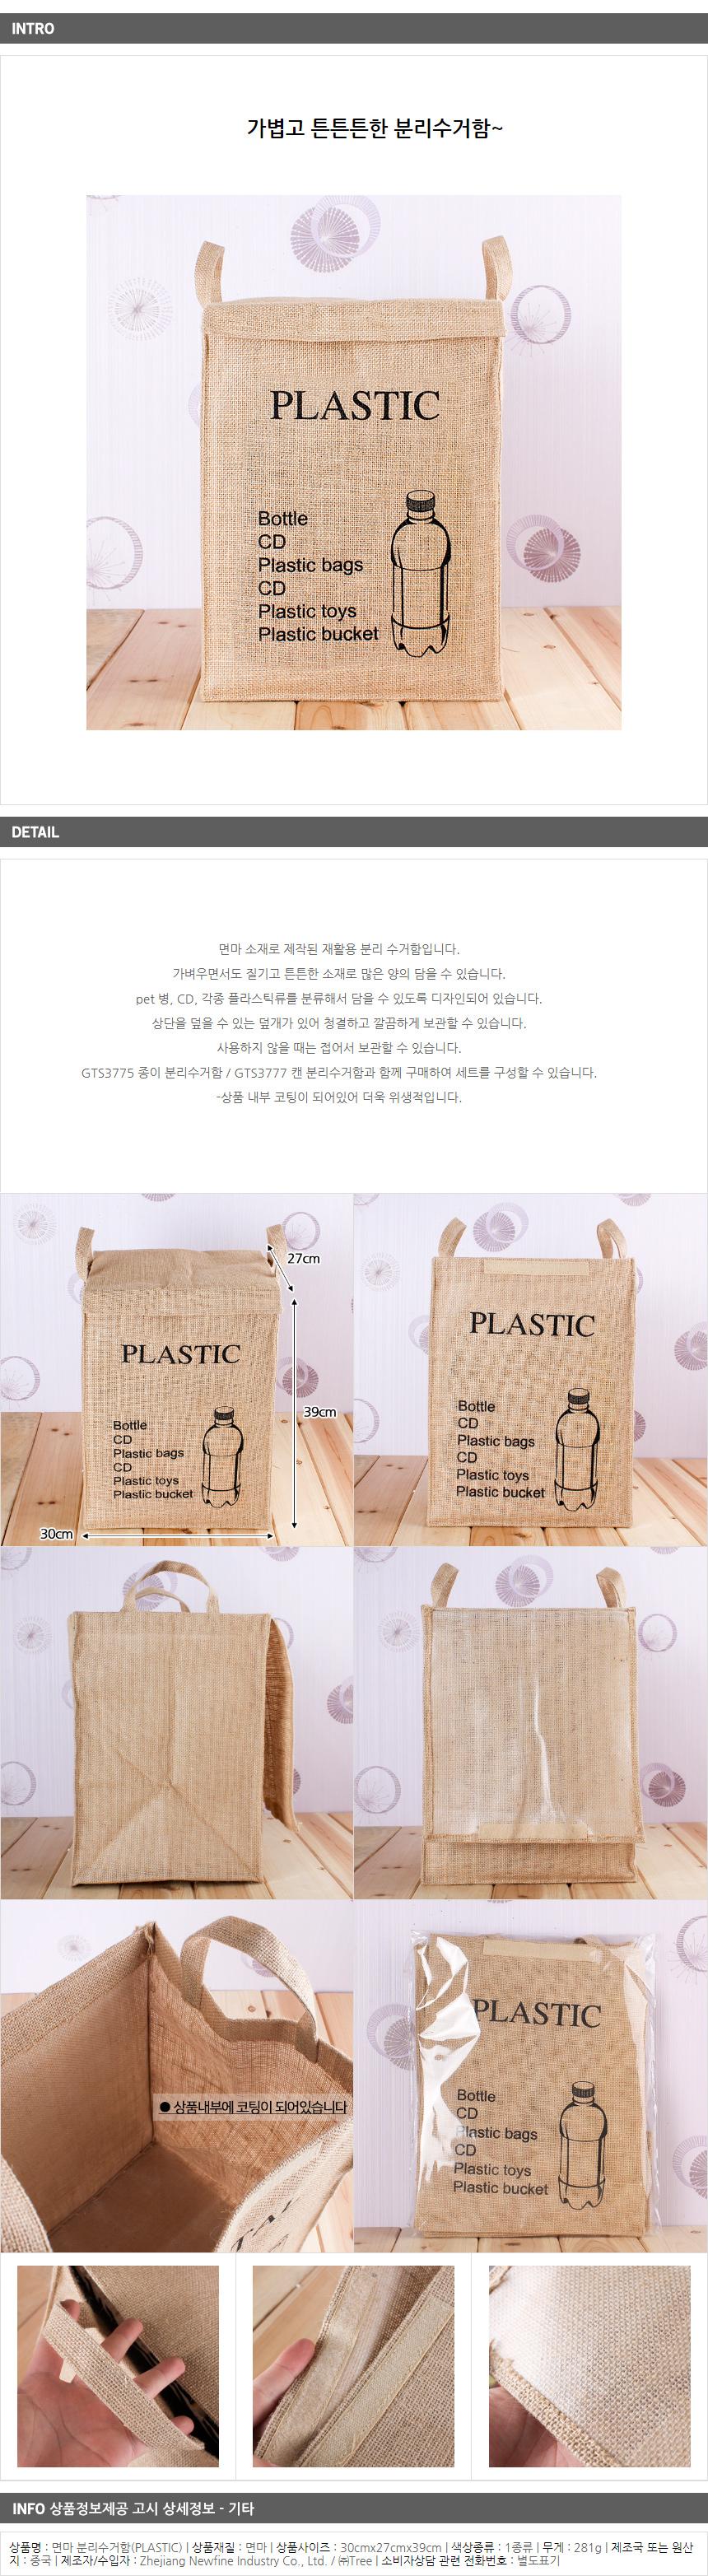 면마 분리수거함(PLASTIC)/쓰레기분리함 수납보관함 - 기프트갓, 8,690원, 휴지통, 분리수거함